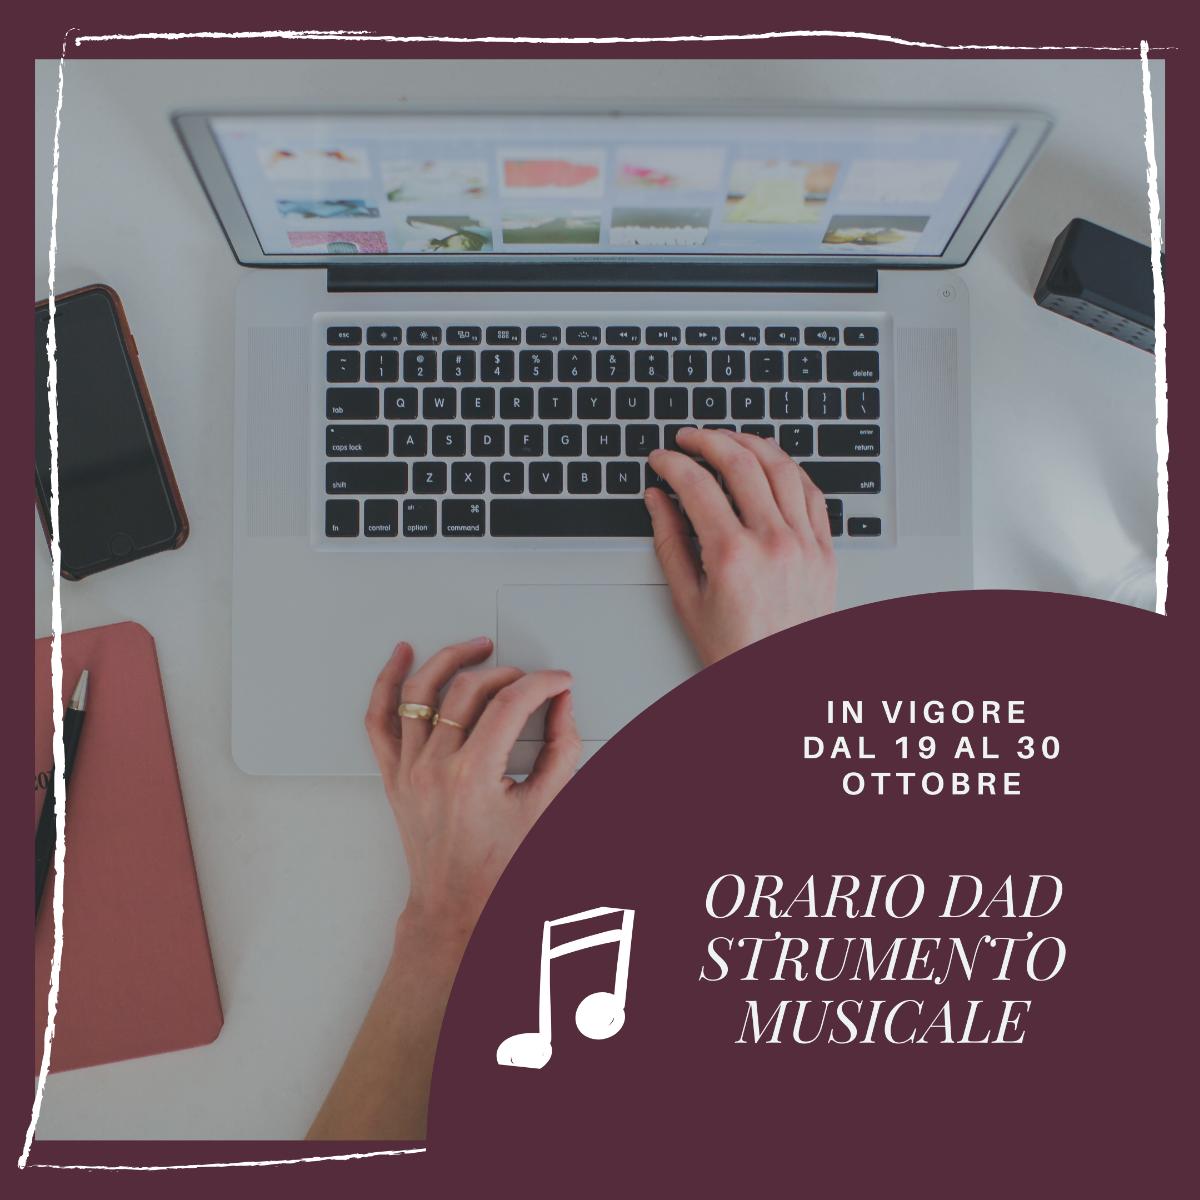 ORARIO SEZIONE MUSICALE - DAD